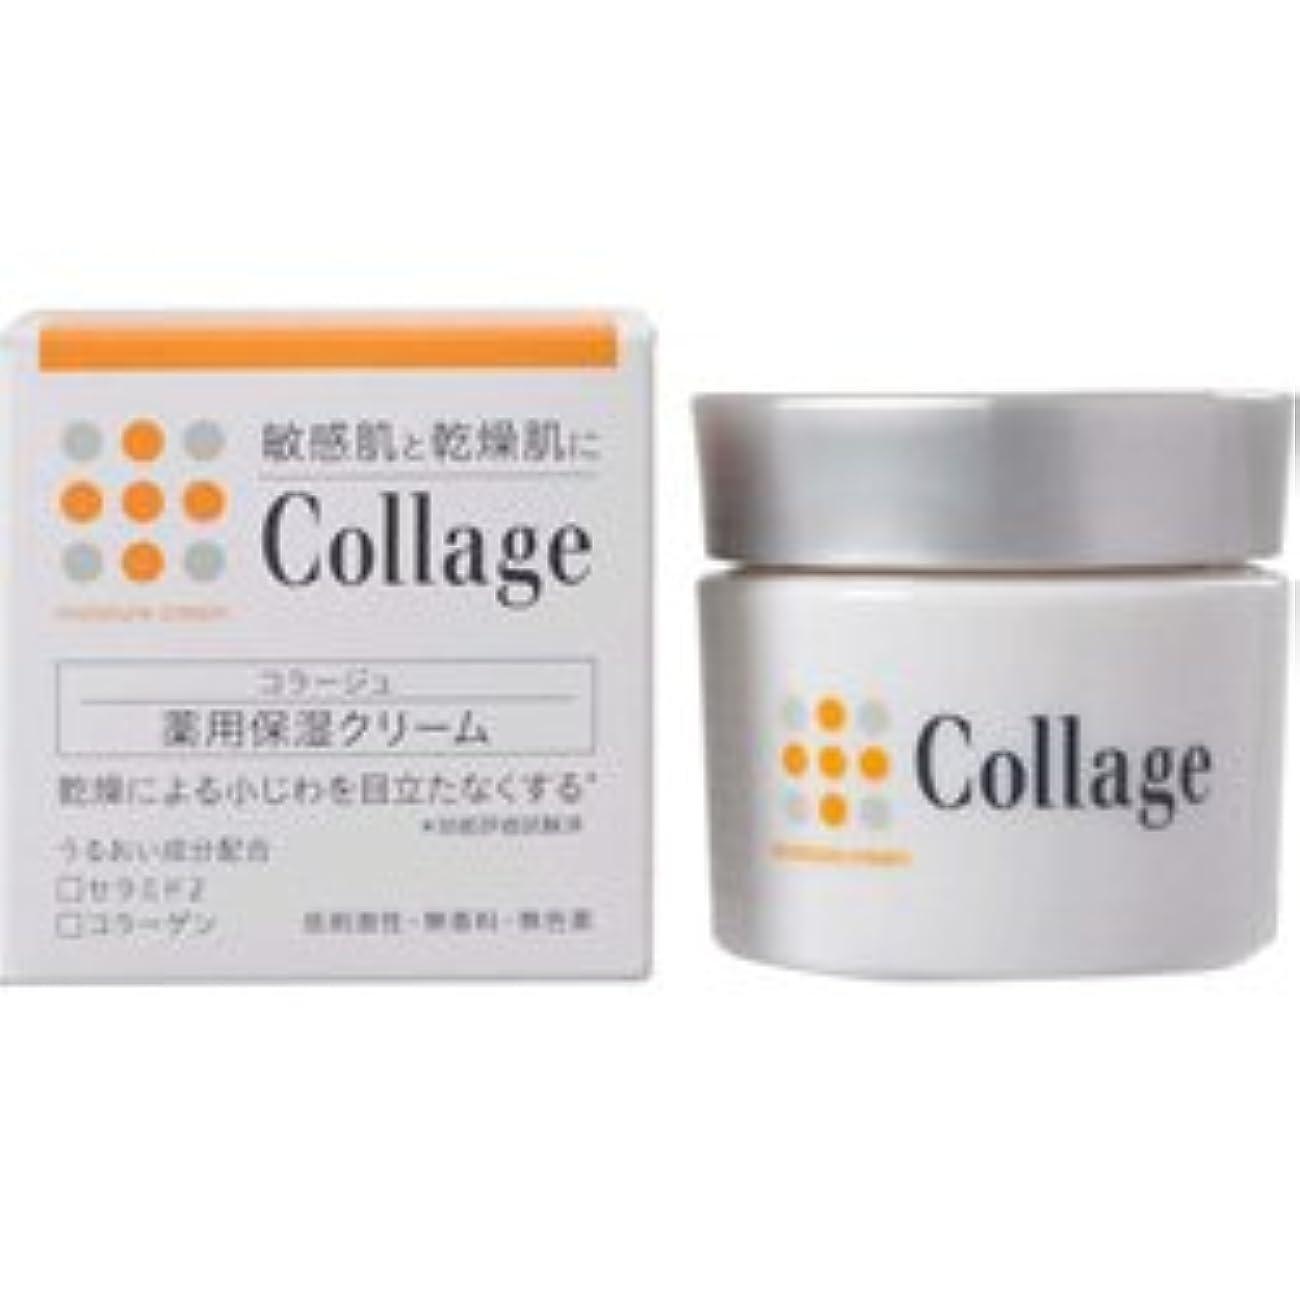 ディレクトリコア推進【持田ヘルスケア】 コラージュ薬用保湿クリーム 30g (医薬部外品) ×3個セット